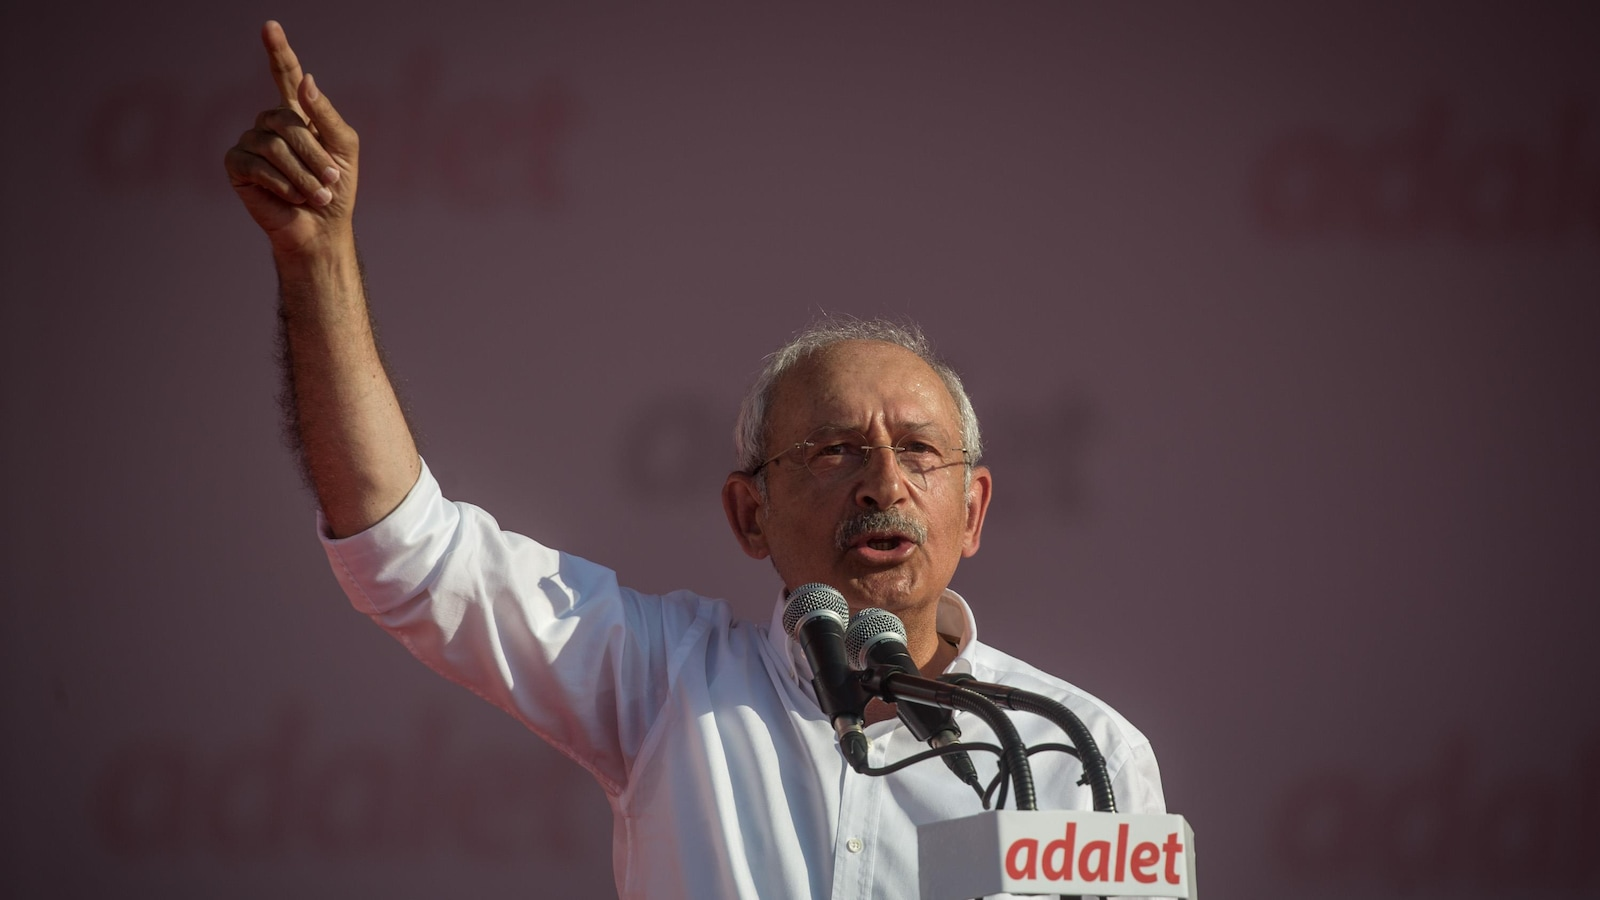 Kemal Kilicdaroglu livre un discours au micro, la main droit levée dans les airs.